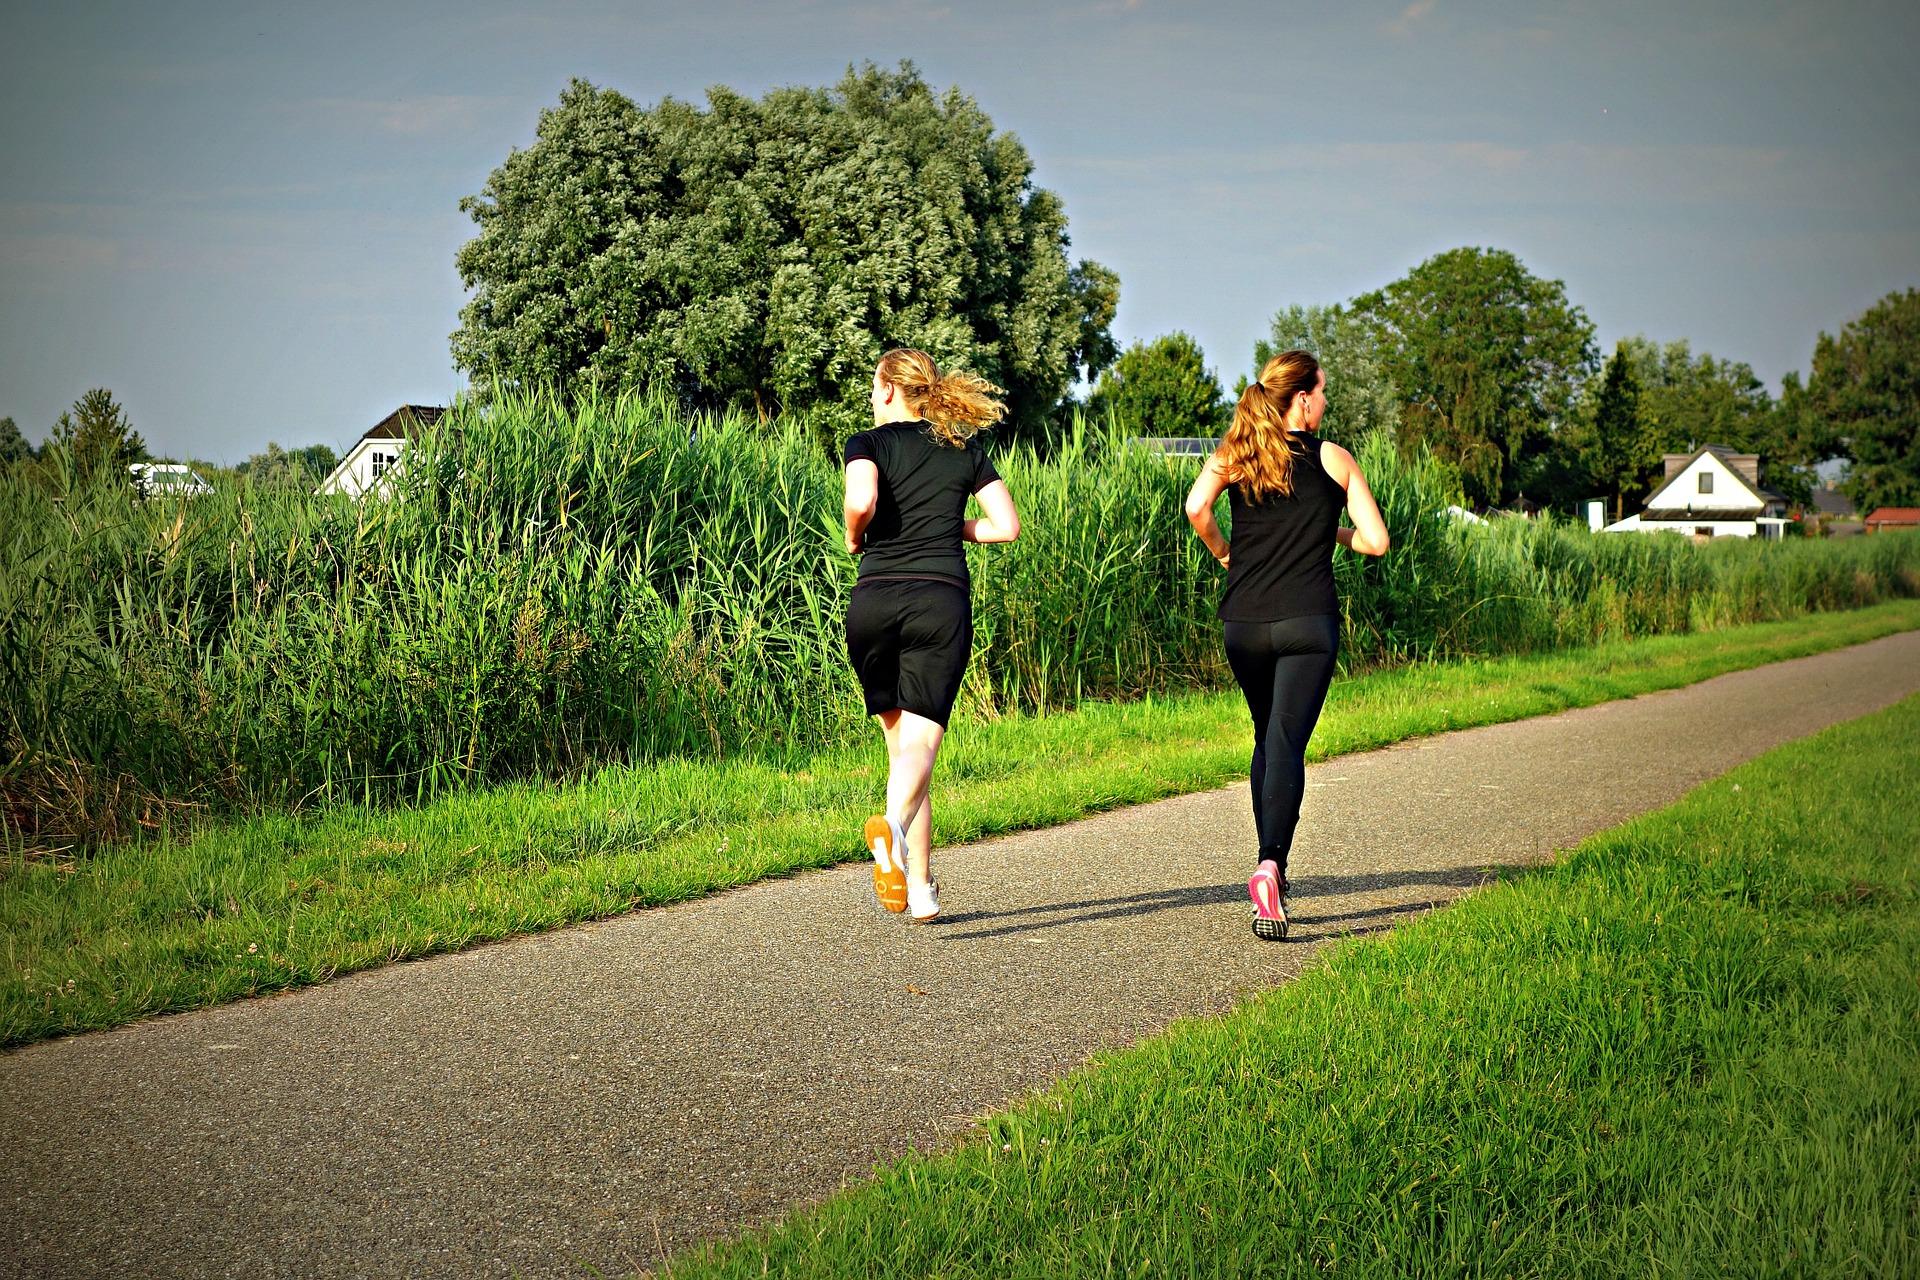 jogging-1509003_1920 (1).jpg